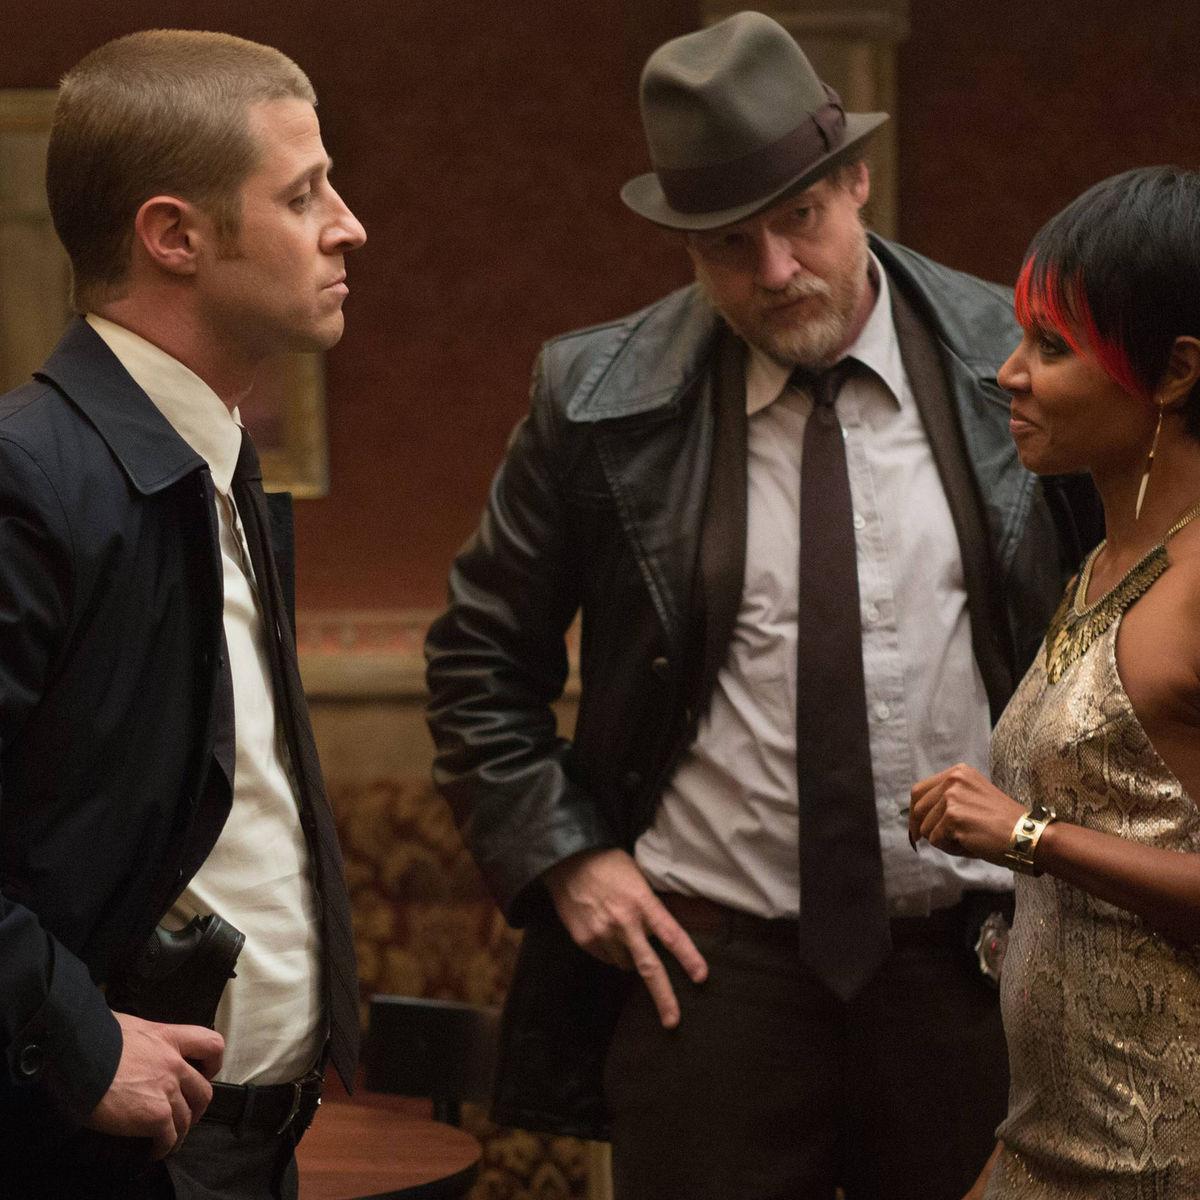 Gotham_EP102_MooneysNightClub.jpg